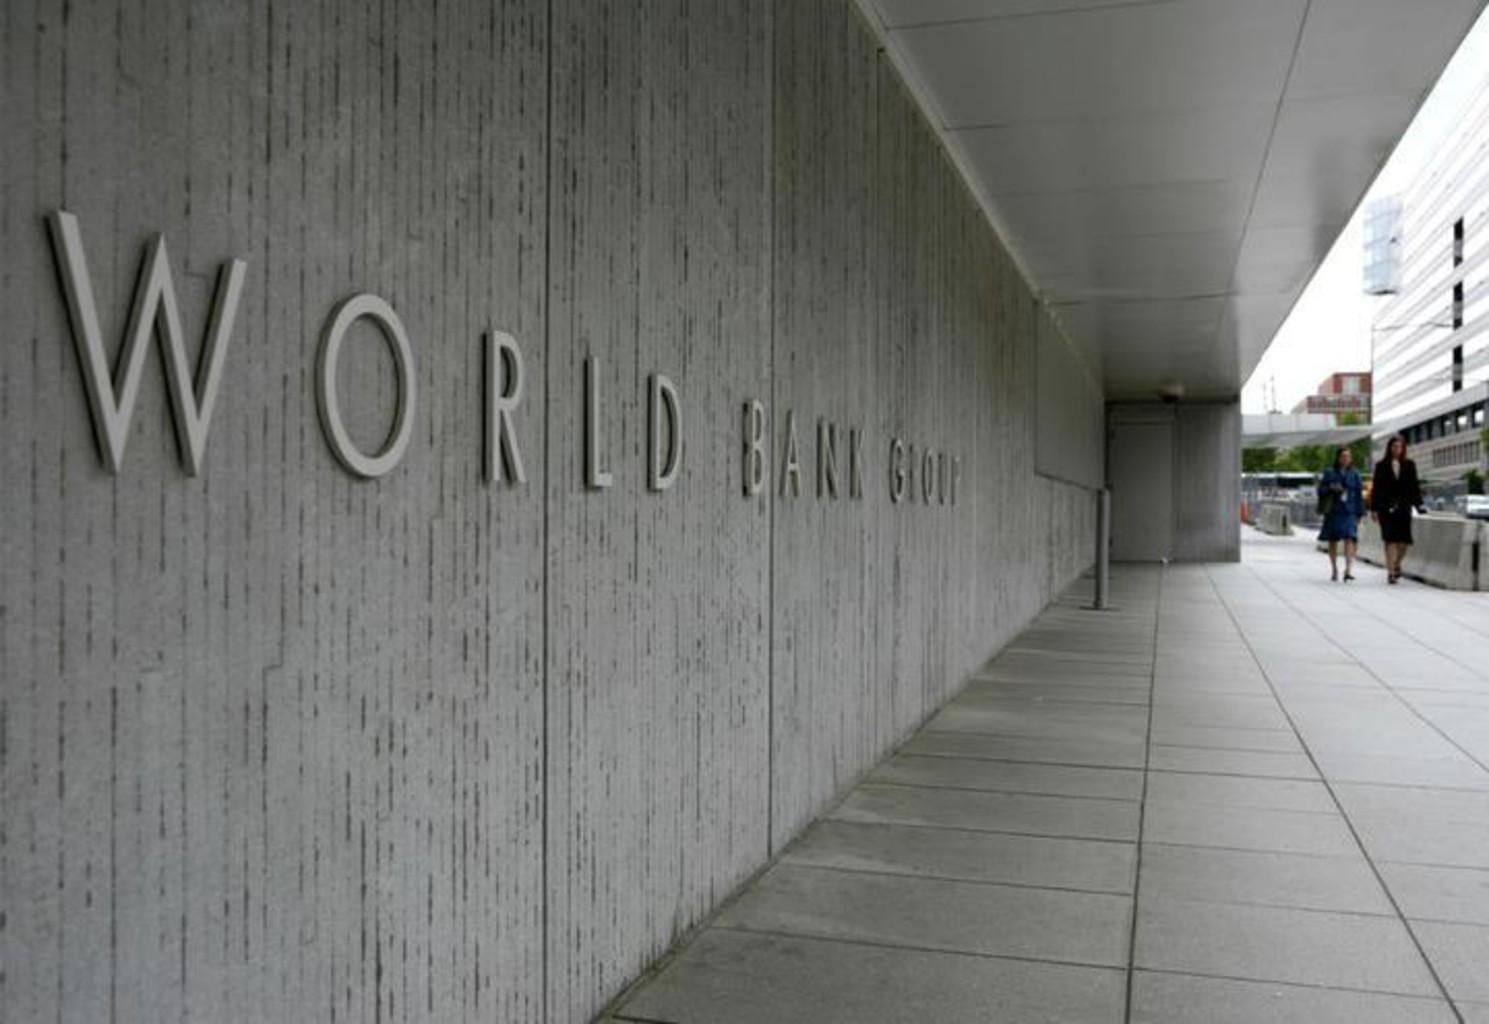 Всемирный банк оценивает объемы финансовой помощи Ливану